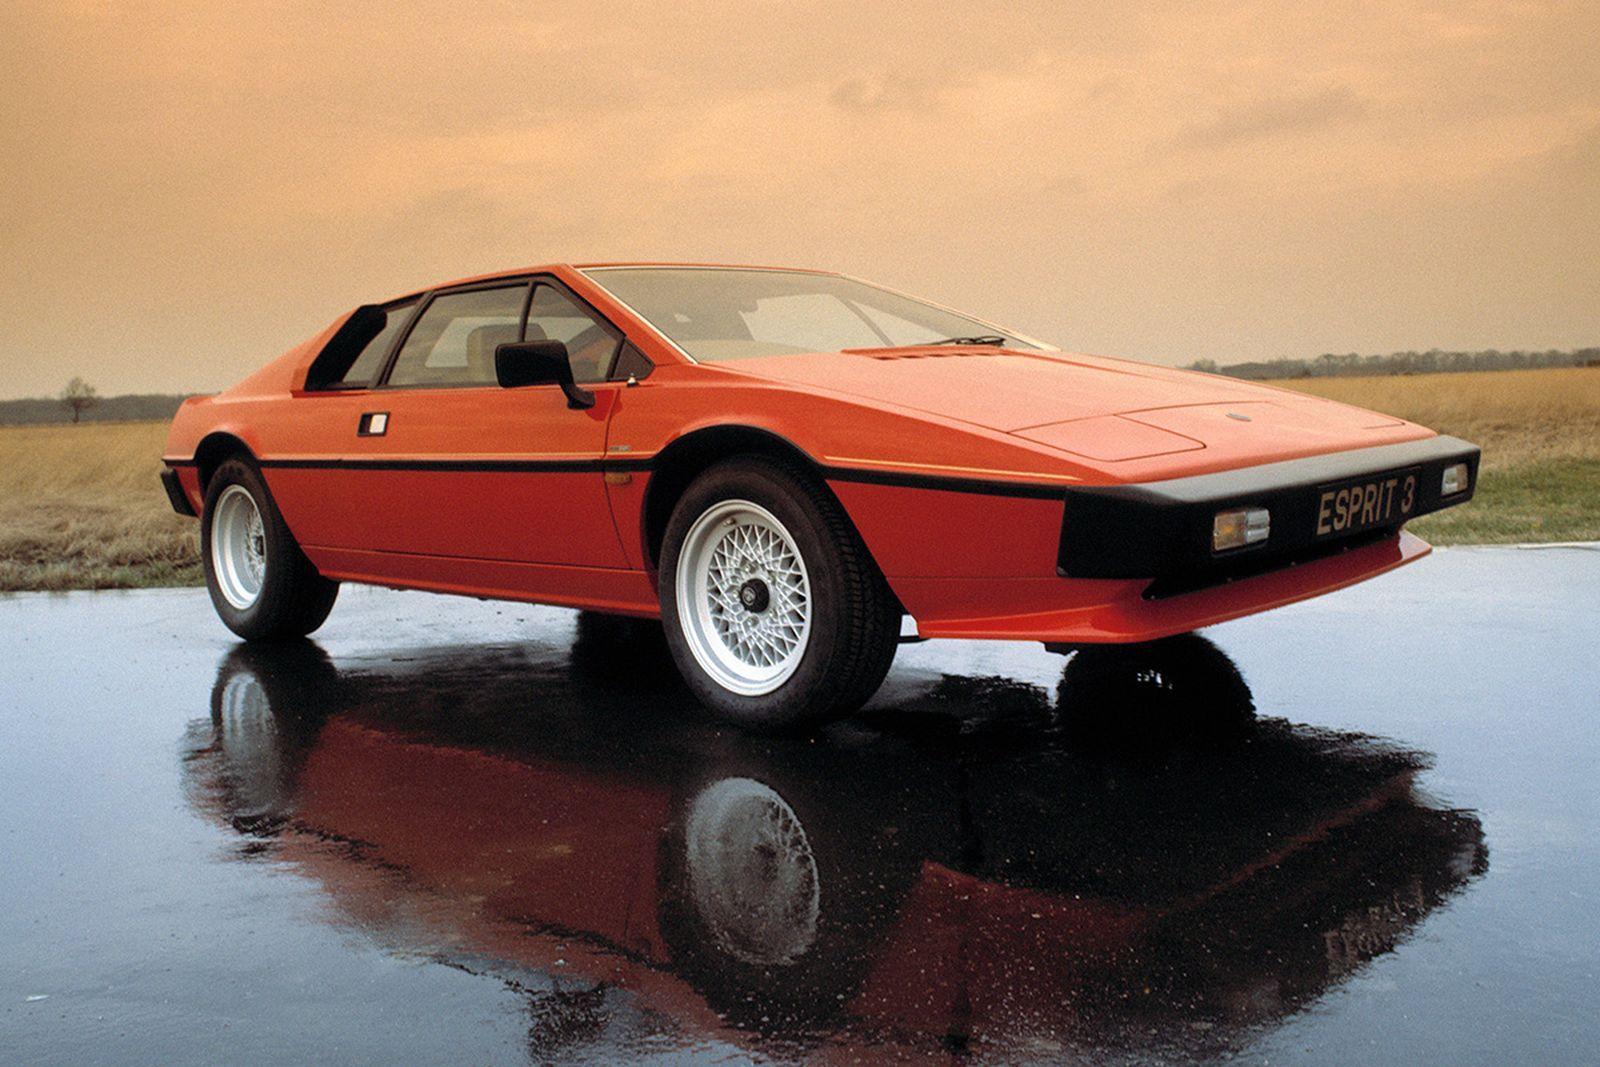 1982 Lotus Esprit series 3